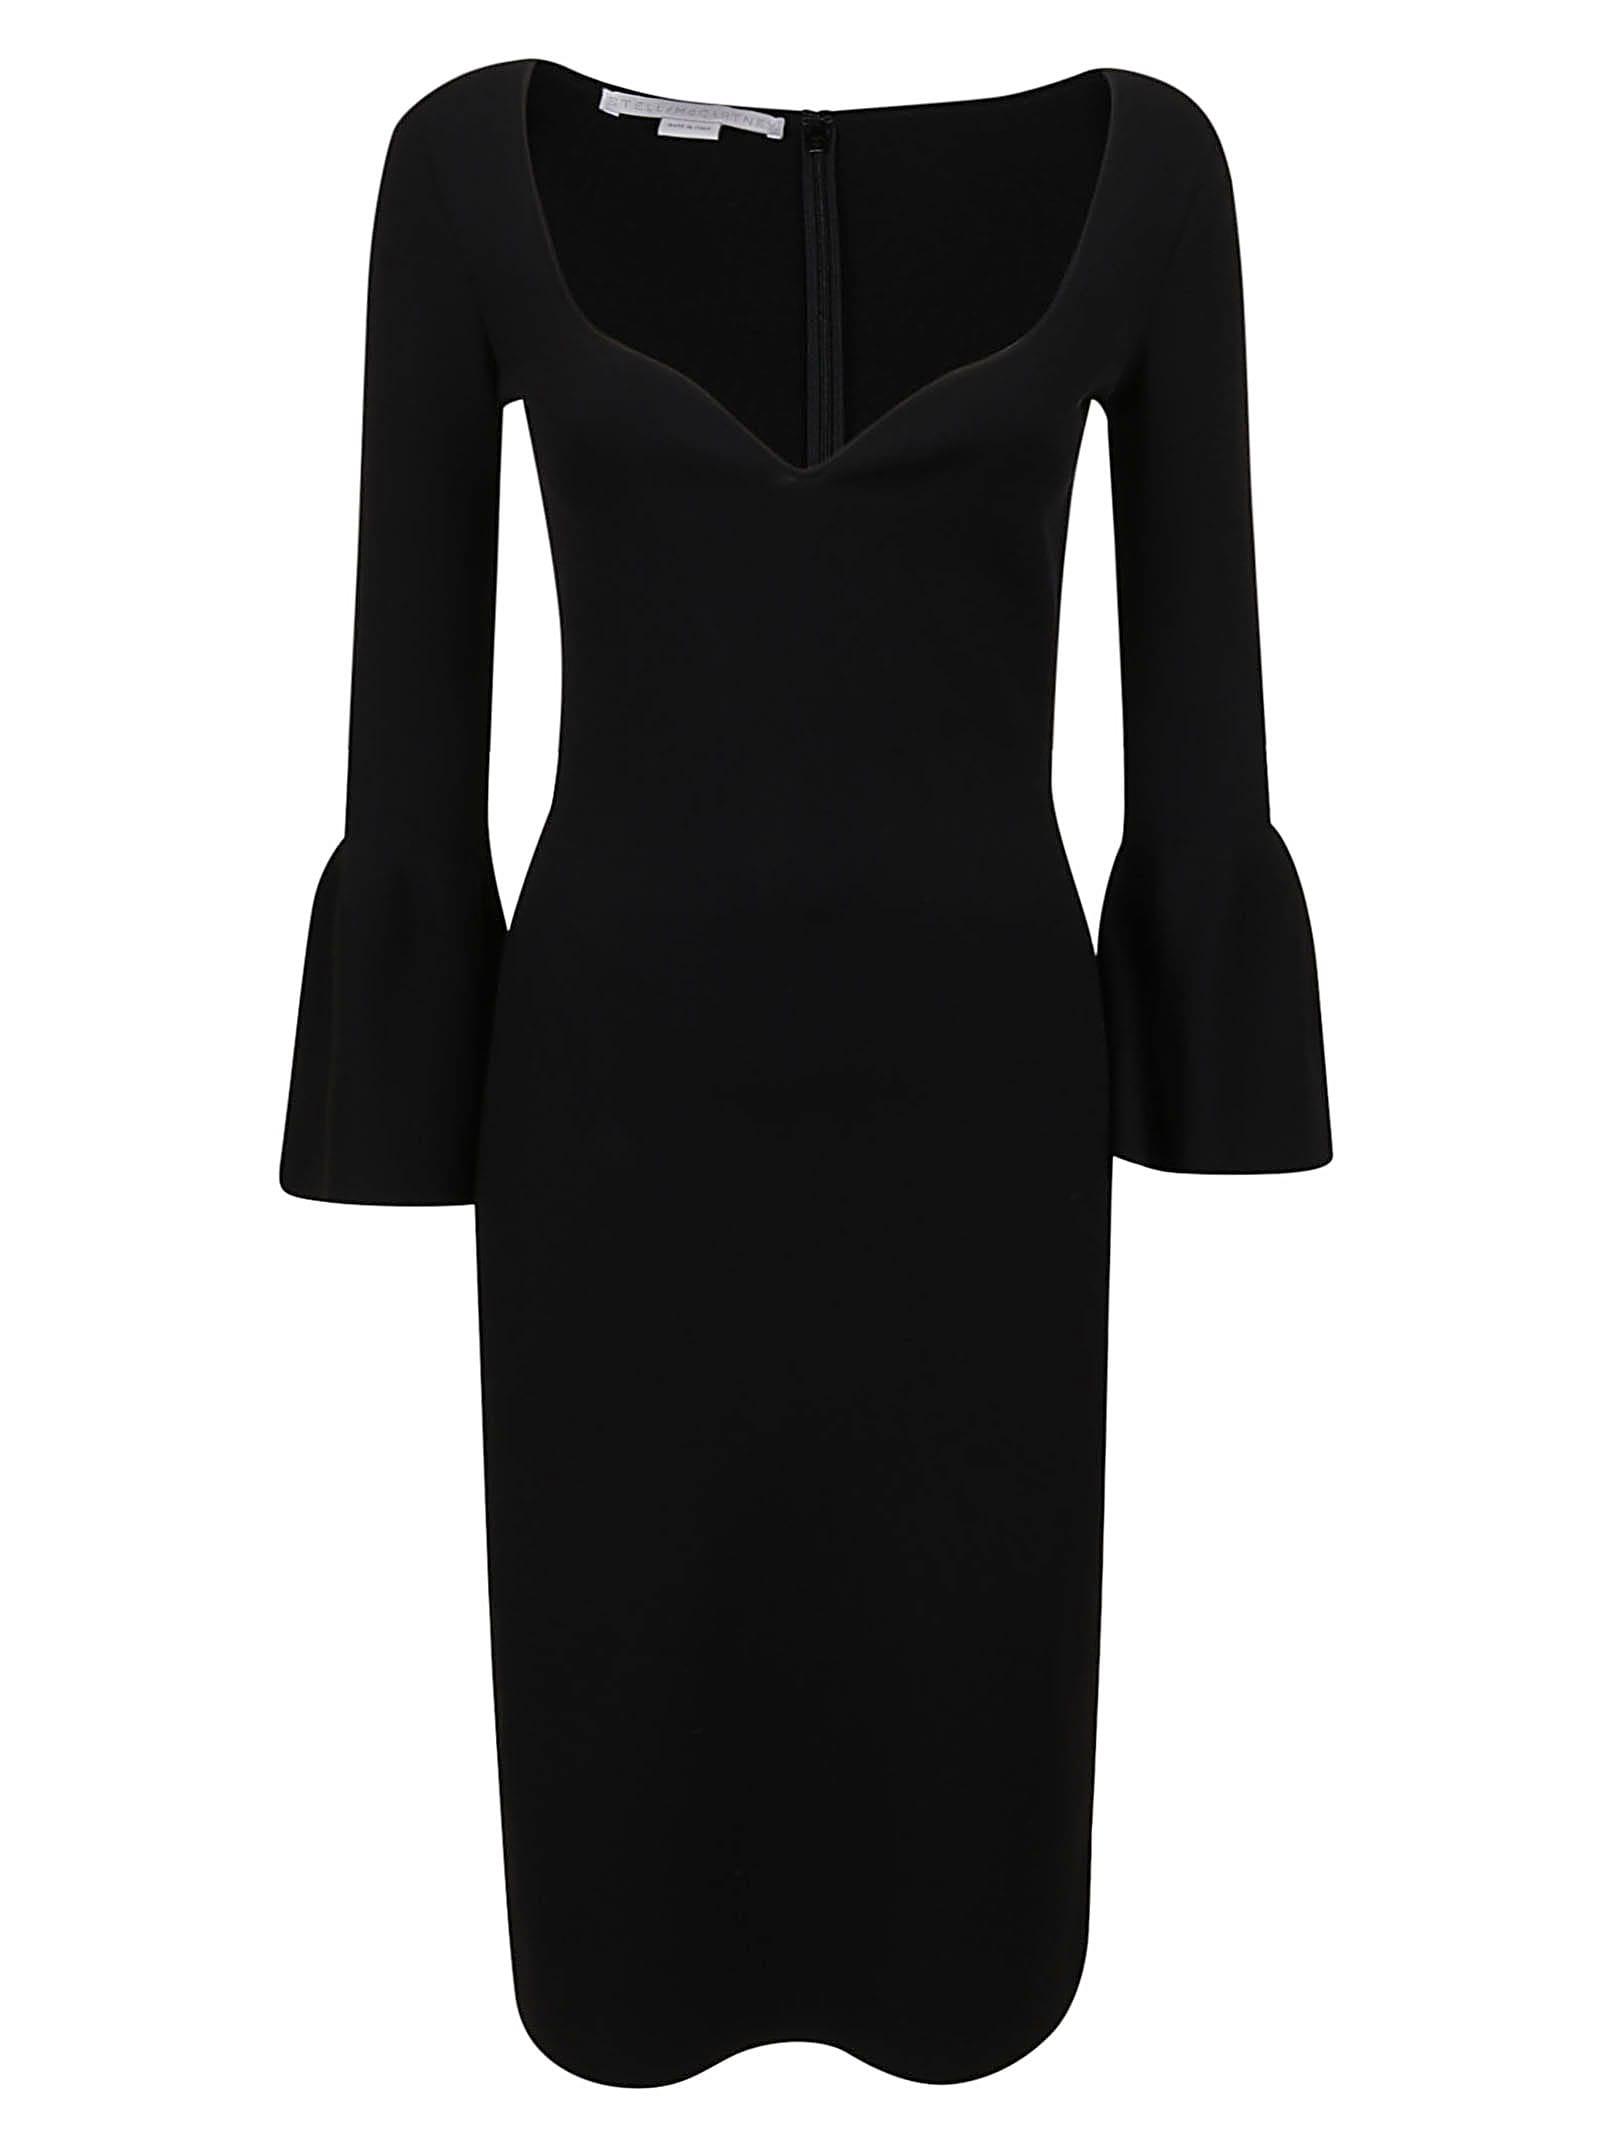 Stella McCartney Compact Knit Dress